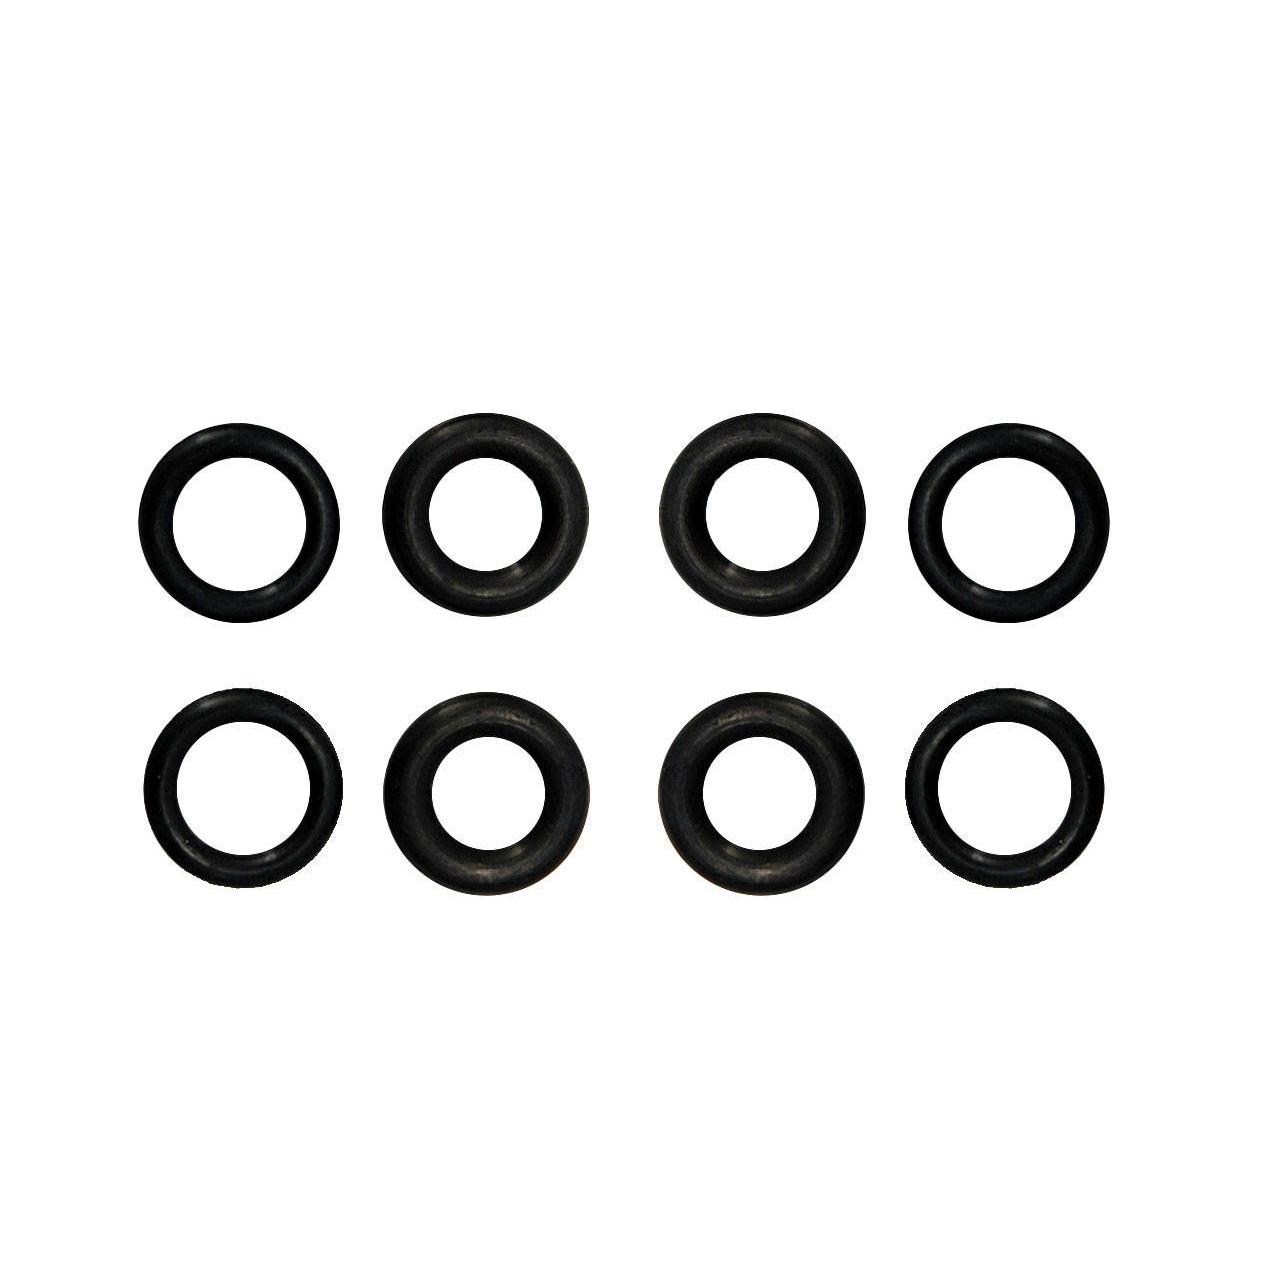 اورینگ سوزن انژکتور الرینگ کد EL8844 مناسب برای پژو 206 بسته 8 عددی